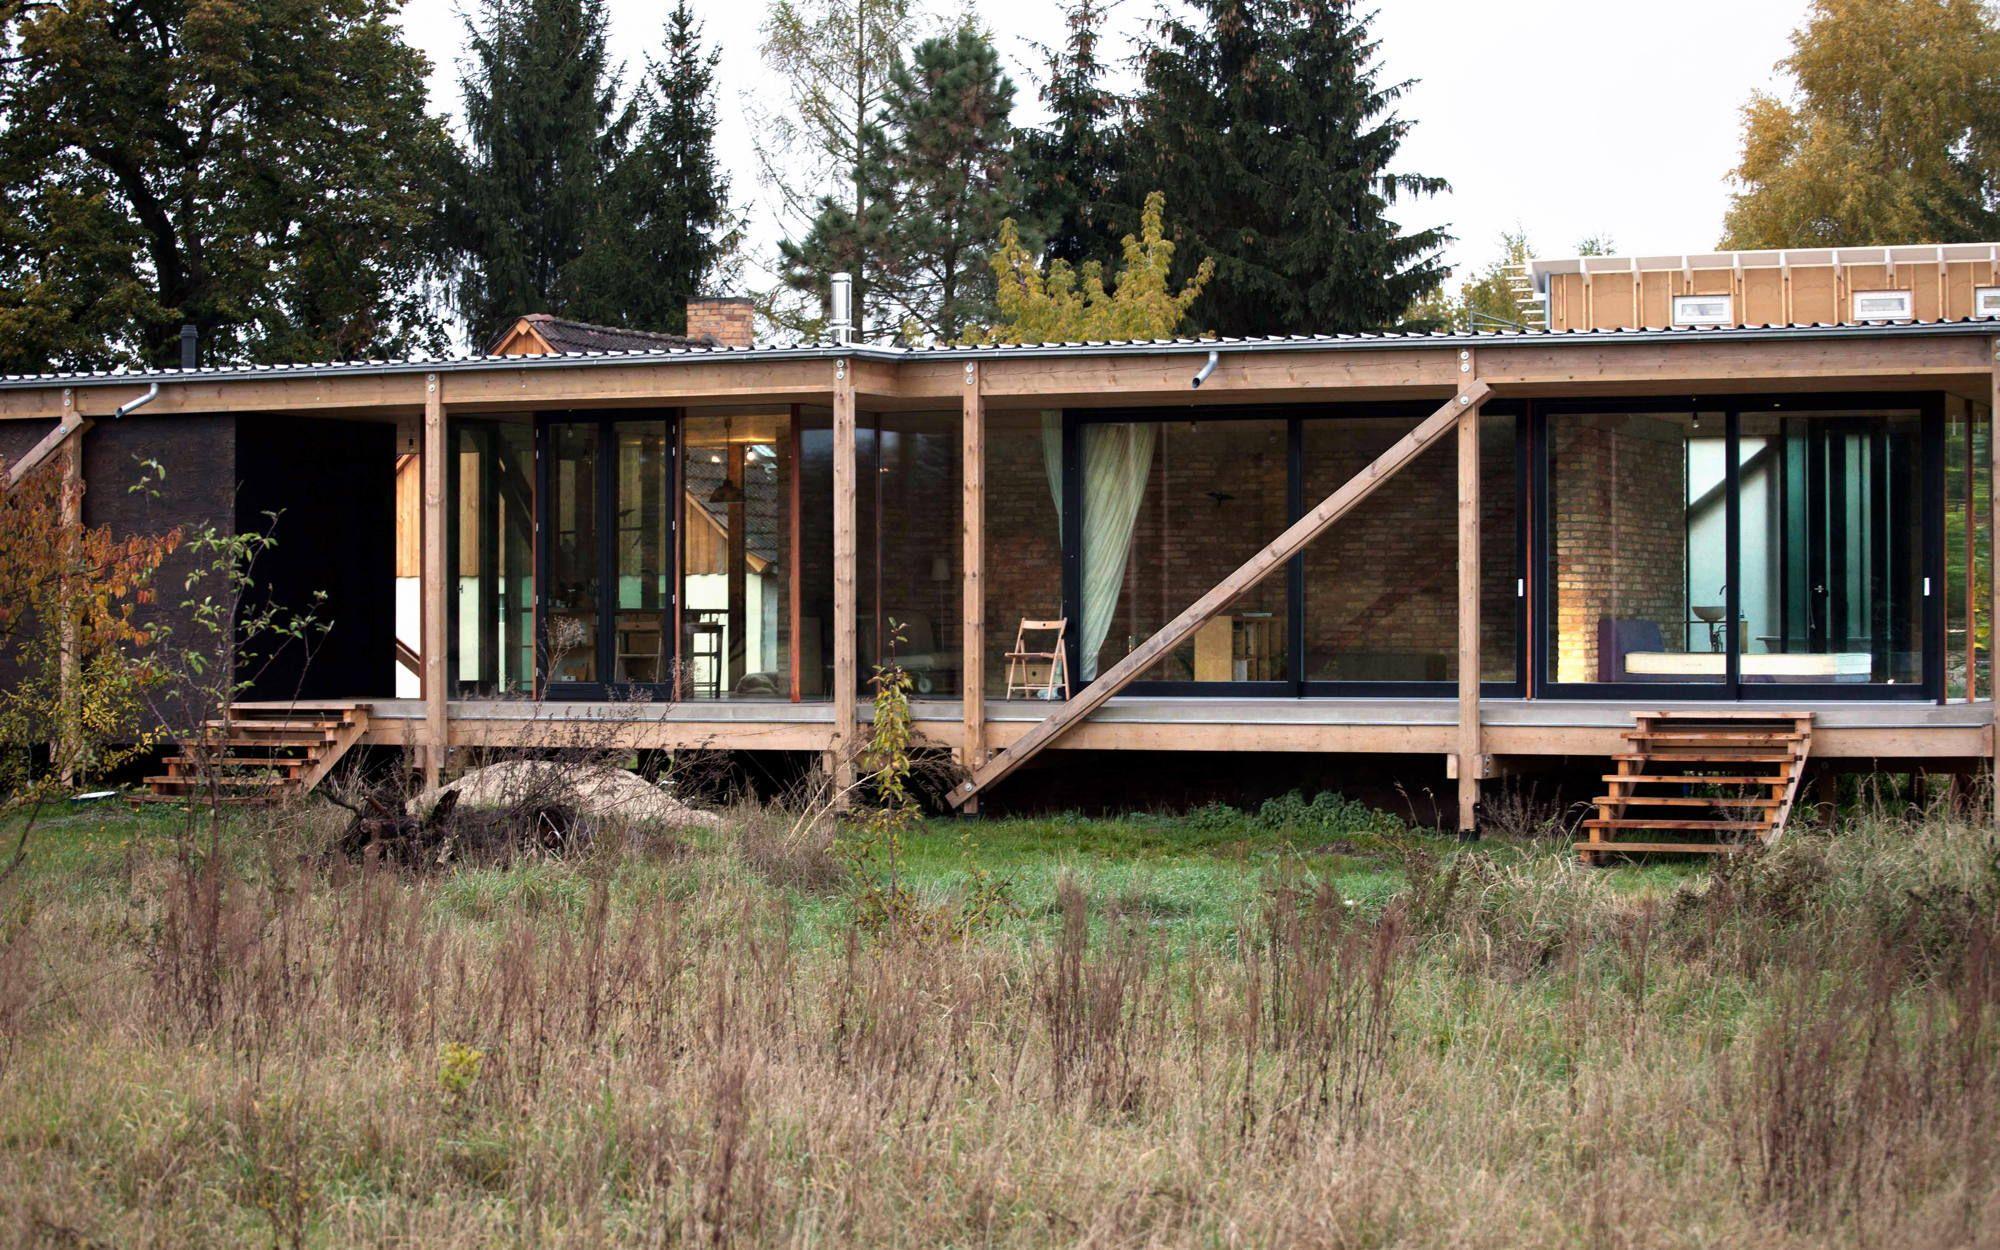 Haus über wilder Landschaft - Holzbau von Peter Grundmann in ...